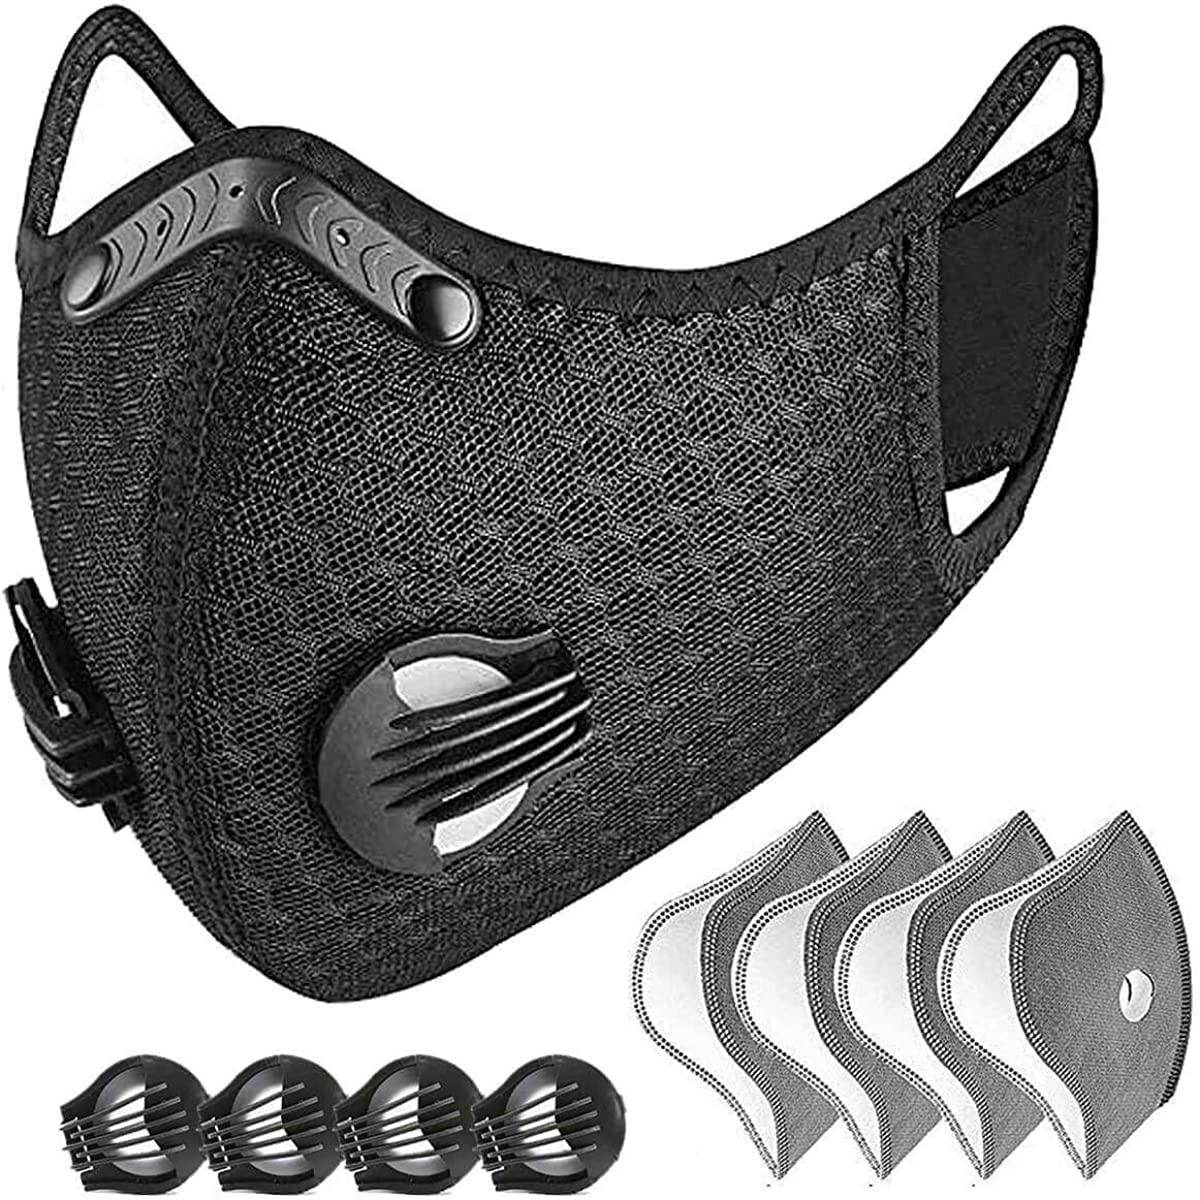 # H30 אבק עם 4 מסננים 4 פליטה שסתומים חצי פנים לשימוש חוזר Dustproof הנשמה אופניים מסכת רכיבה על אופניים פנים מסכת הנשמה